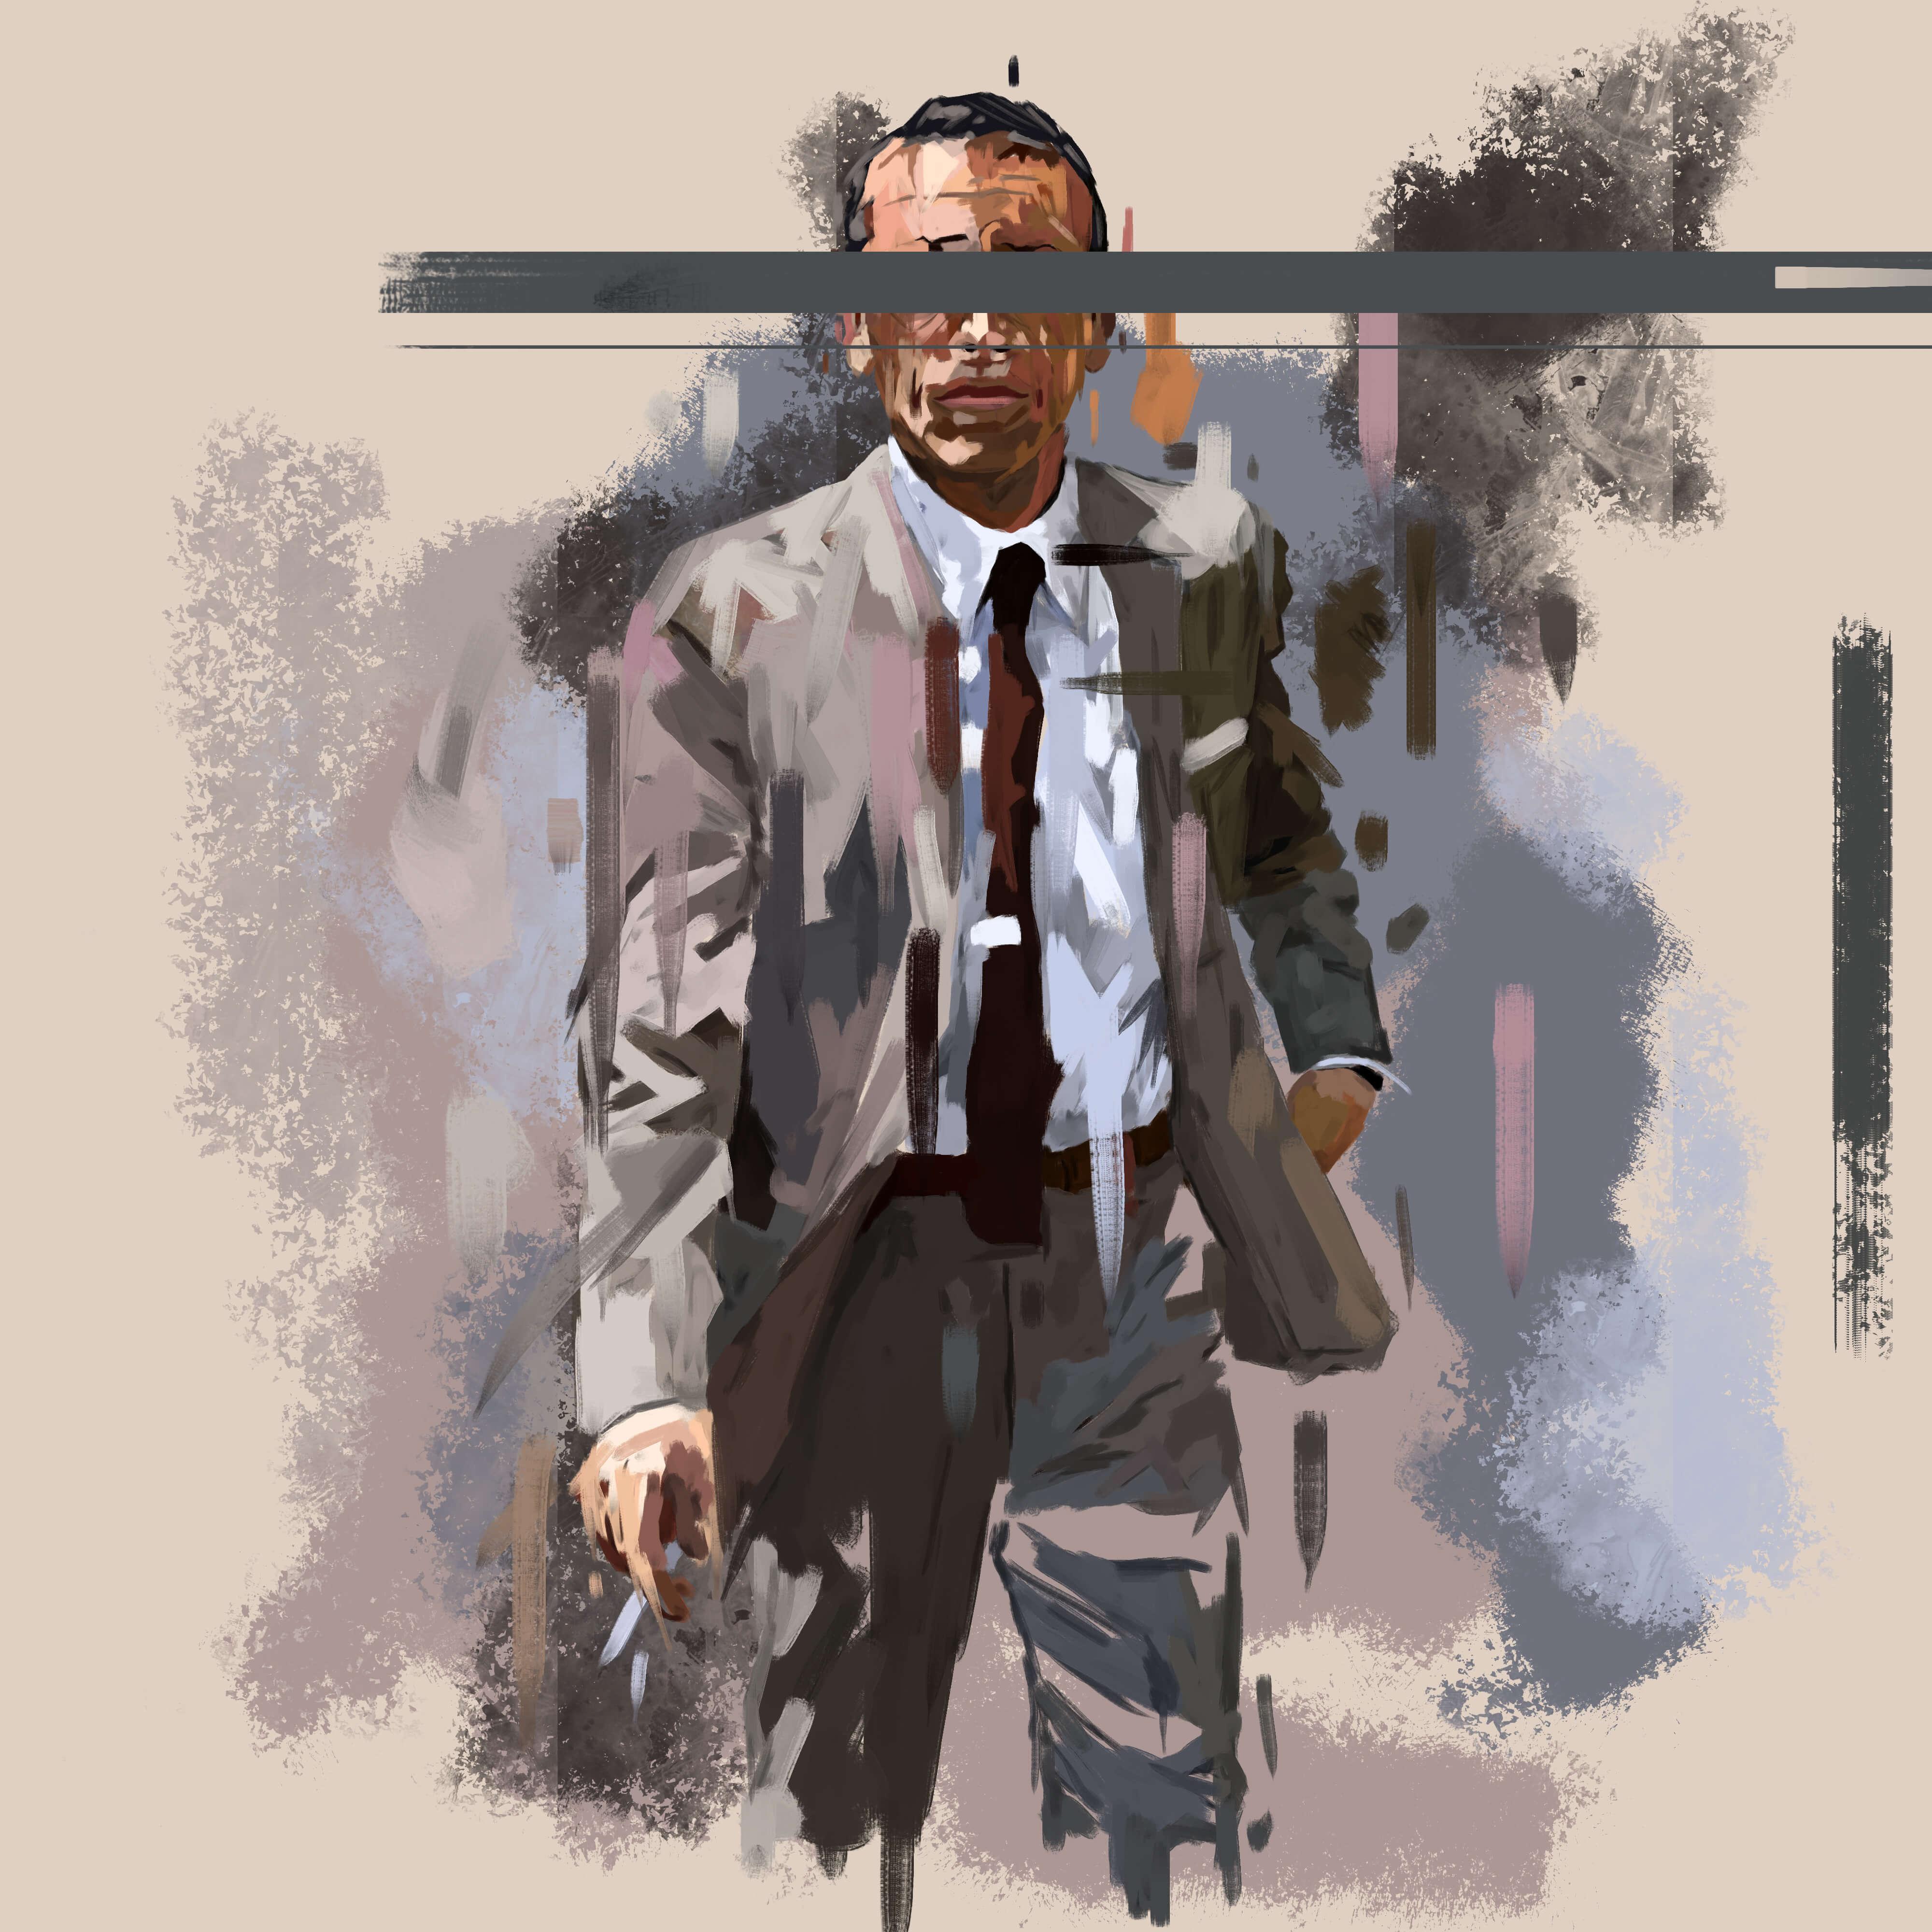 suits_him